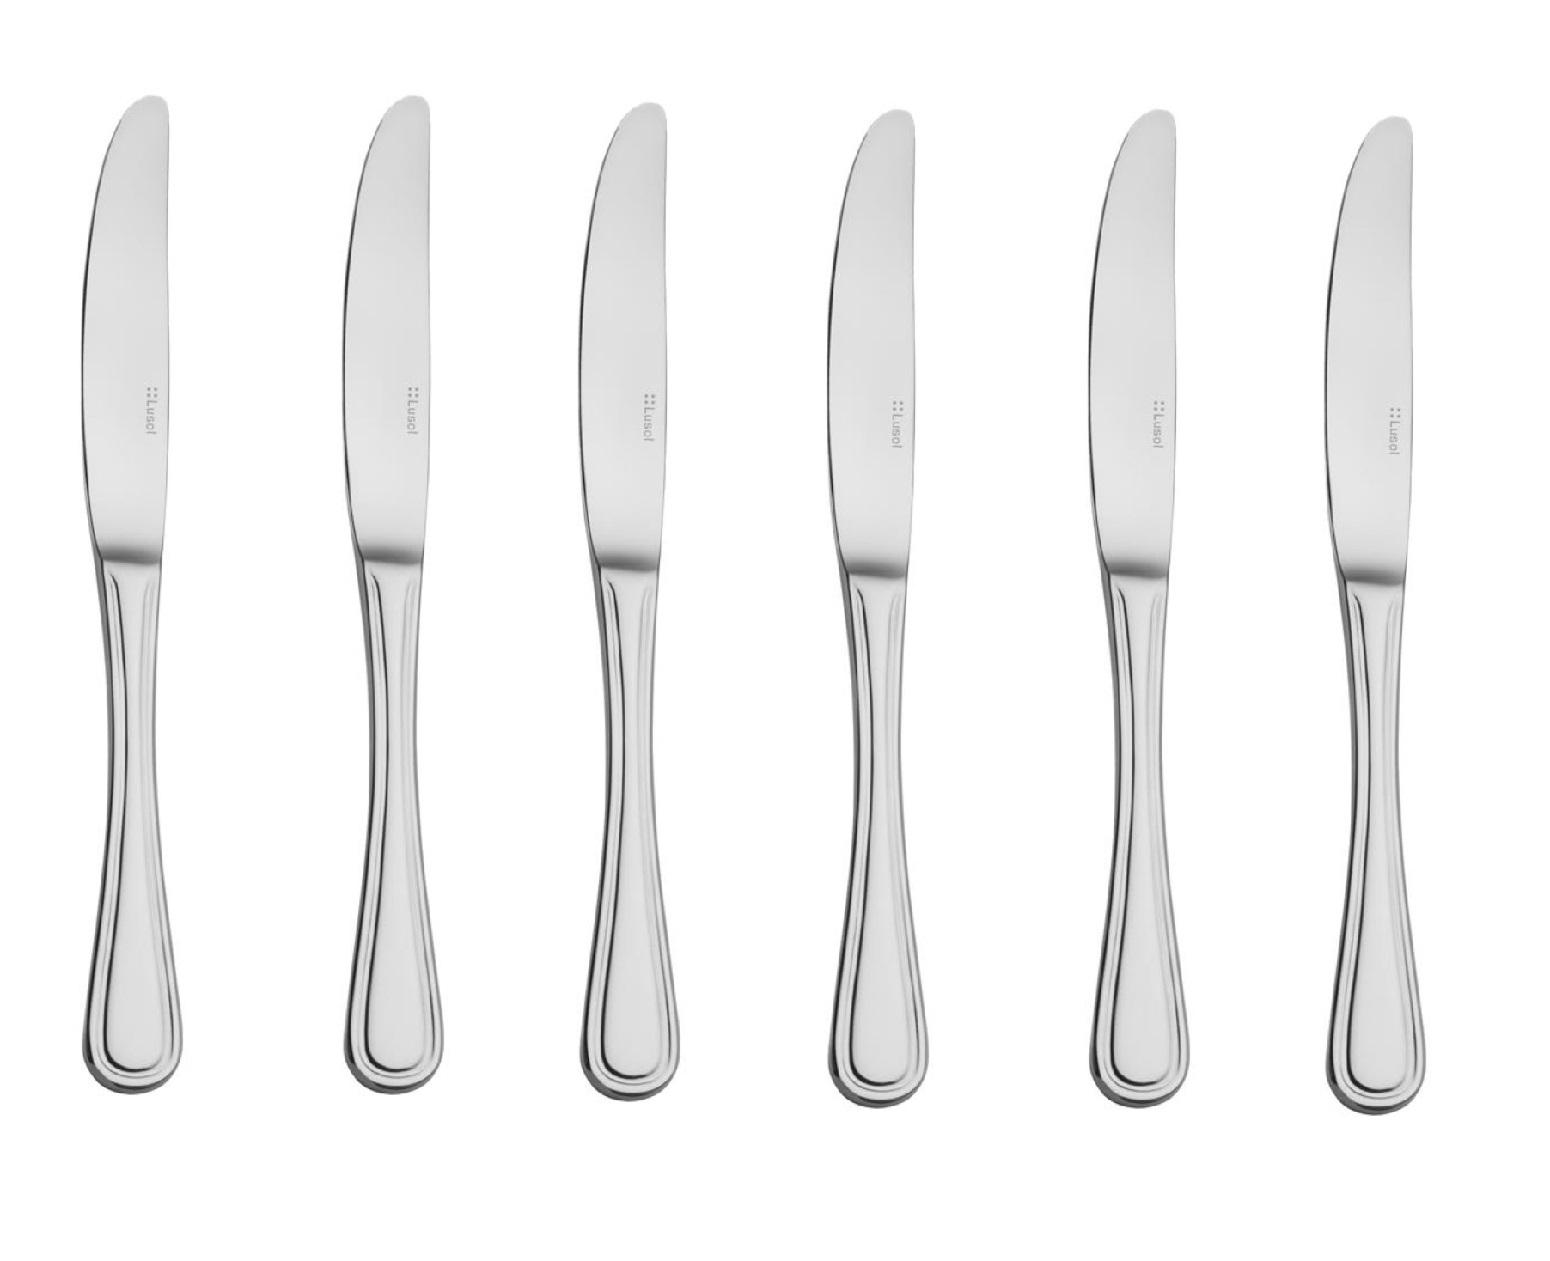 Набор ножей столовых Lusol AVALON, длина 23,4 см, серебристый, 6 штук купить украина